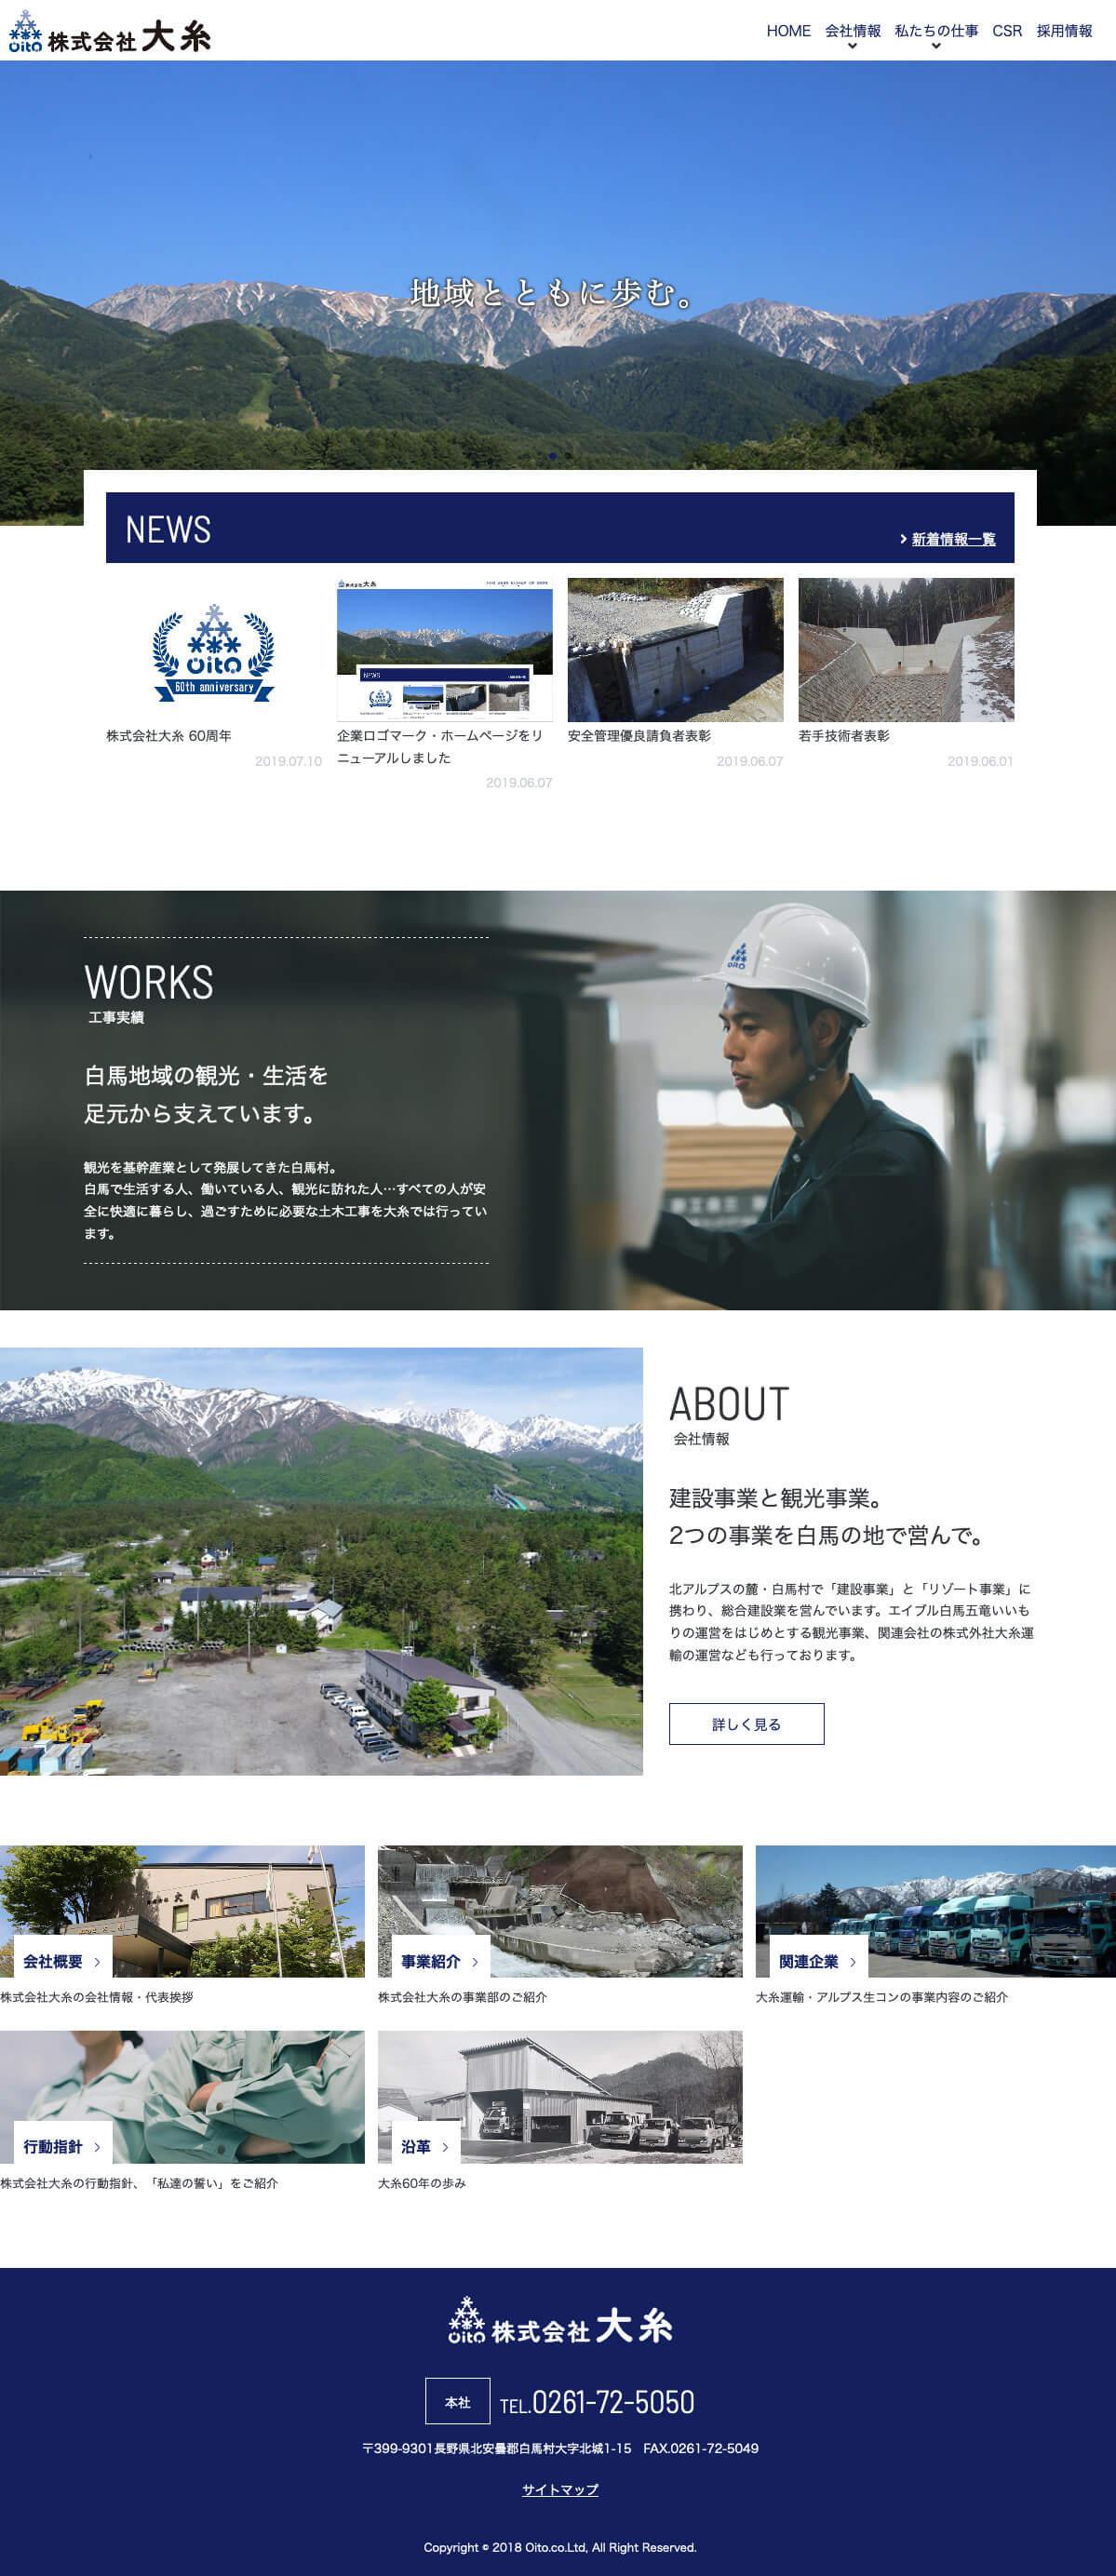 株式会社大糸pcイメージ